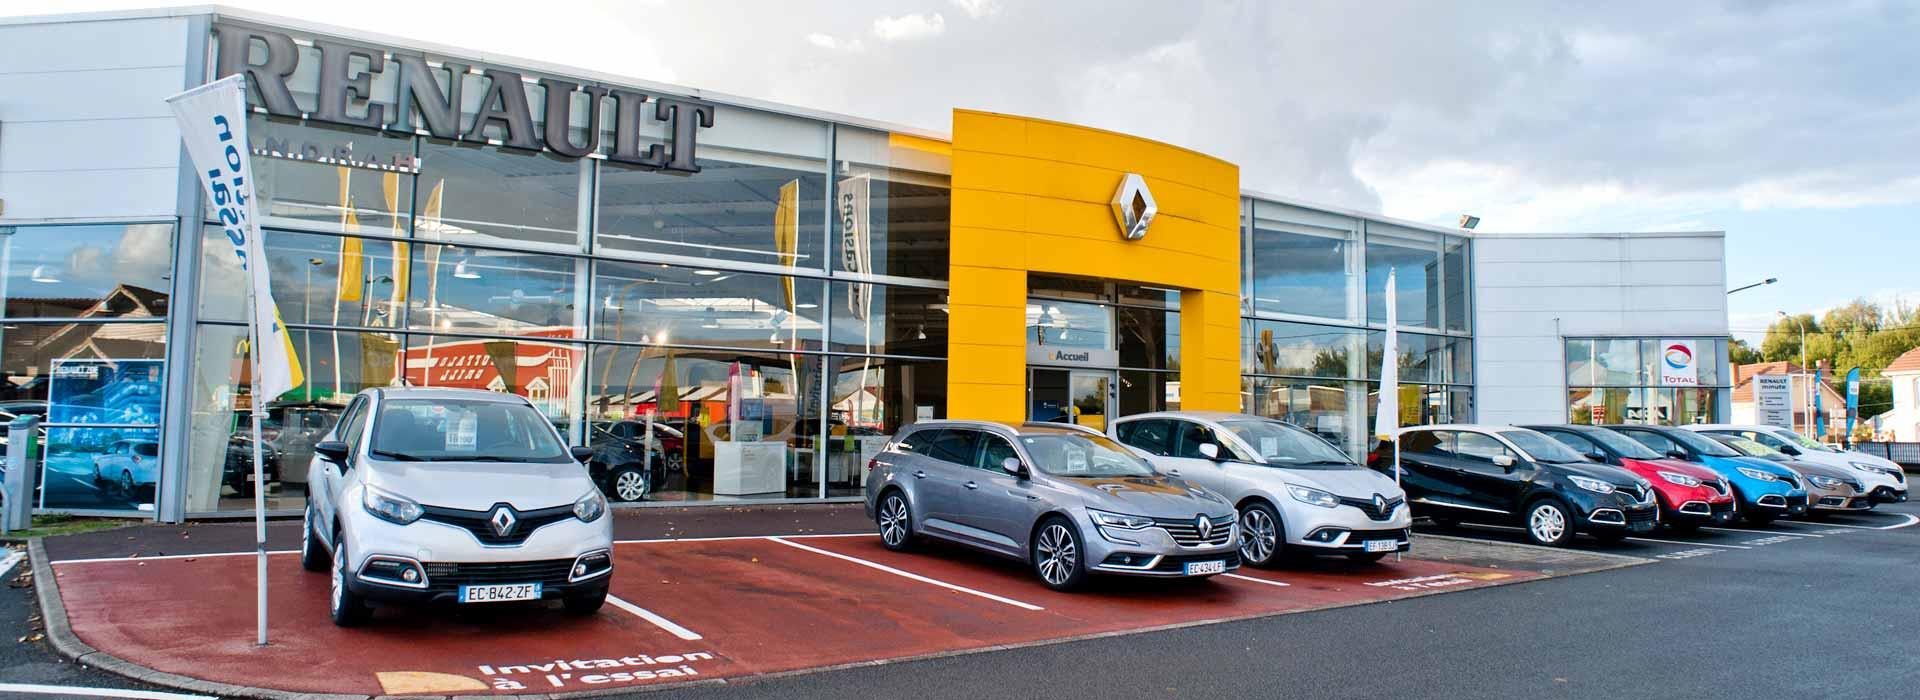 Renault henin beaumont concessionnaire garage pas de for Location garage henin beaumont